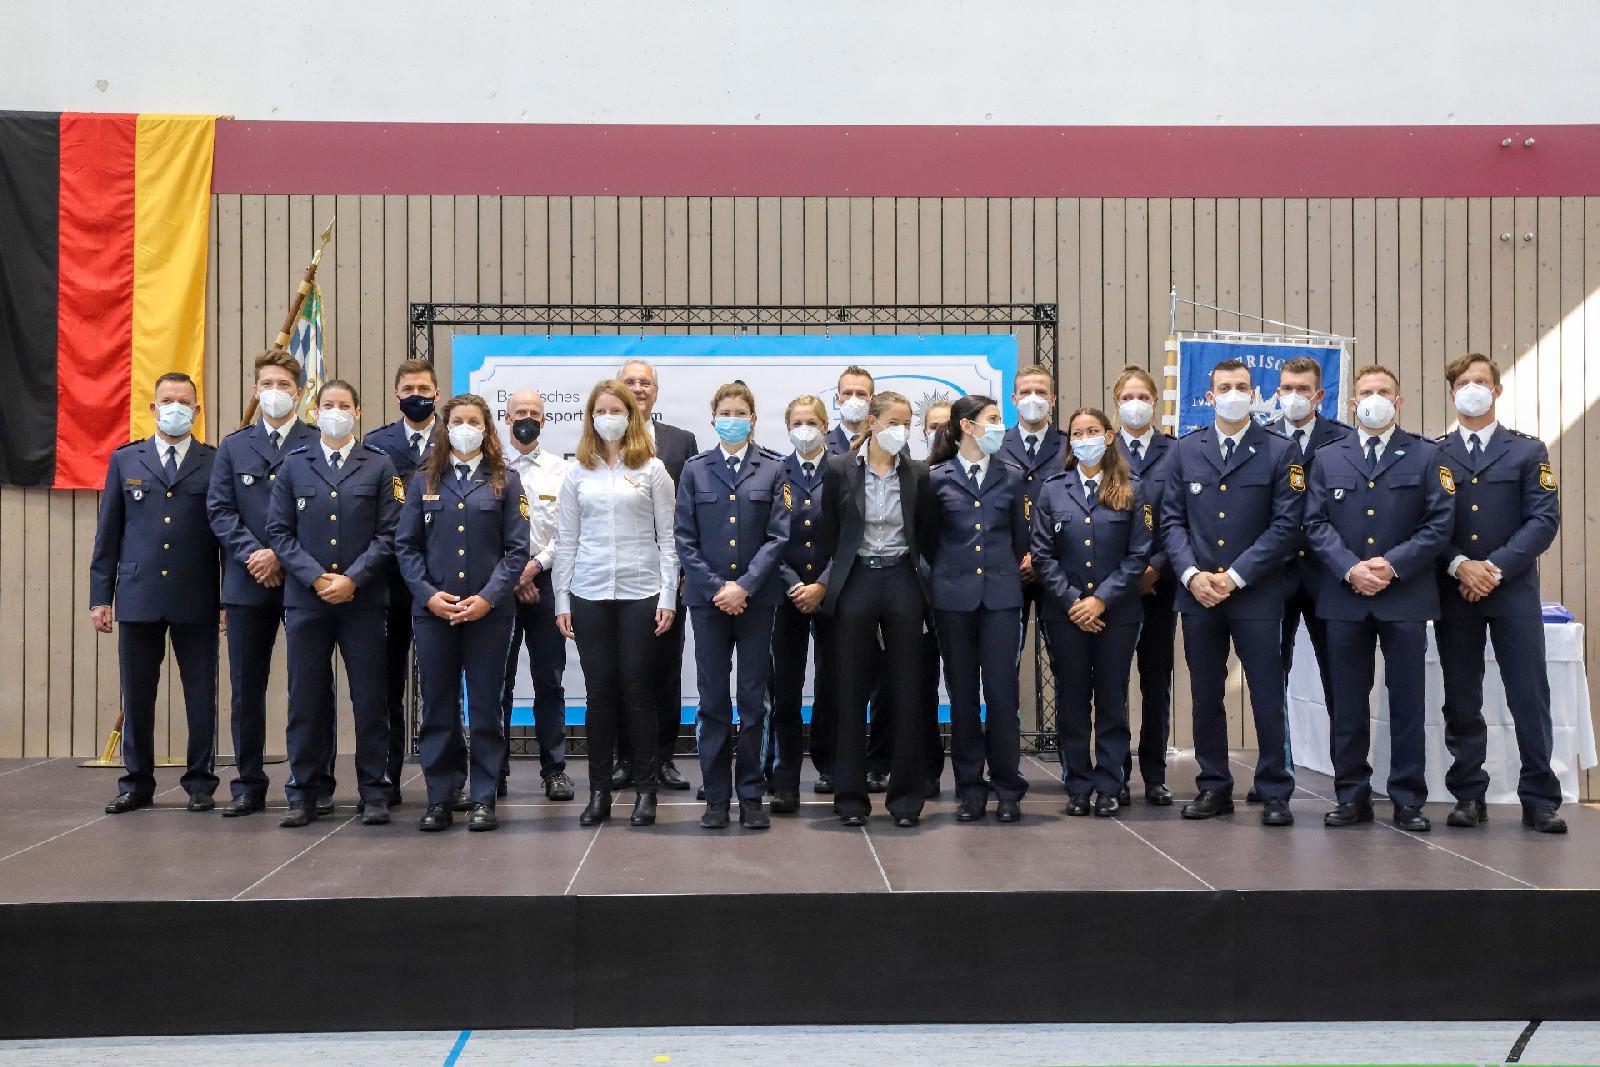 Herrmann ehrt 23 erfolgreiche Sportlerinnen und Sportler der Bayerischen Polizei für ausgezeichnete Leistungen